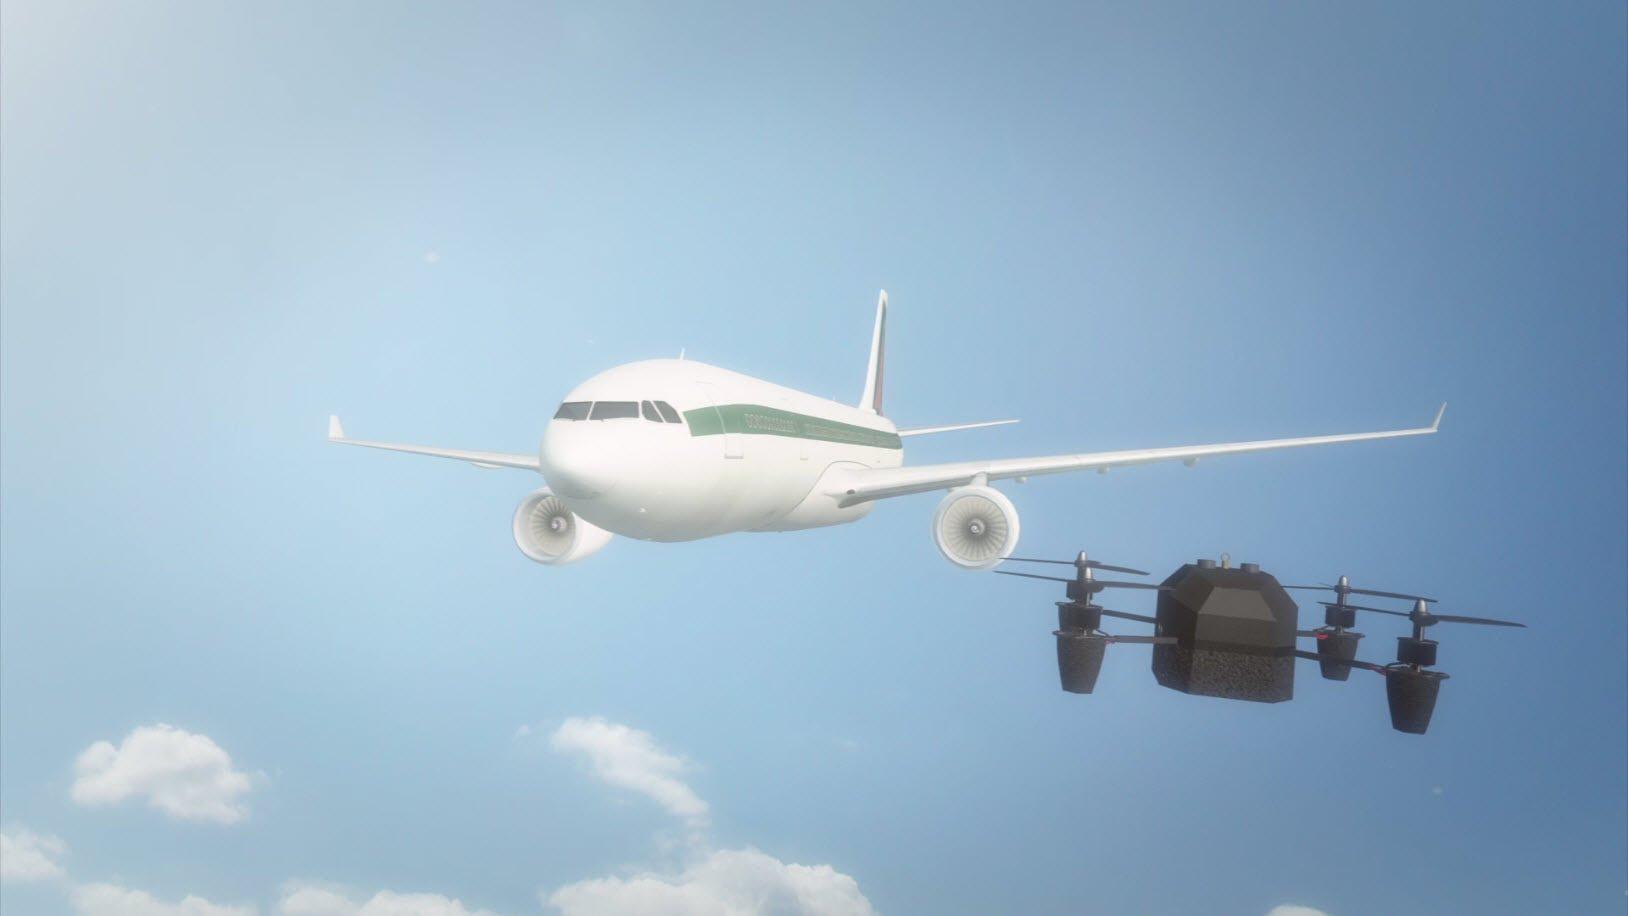 Simulación de un dron en un entorno de aeropuerto comercial